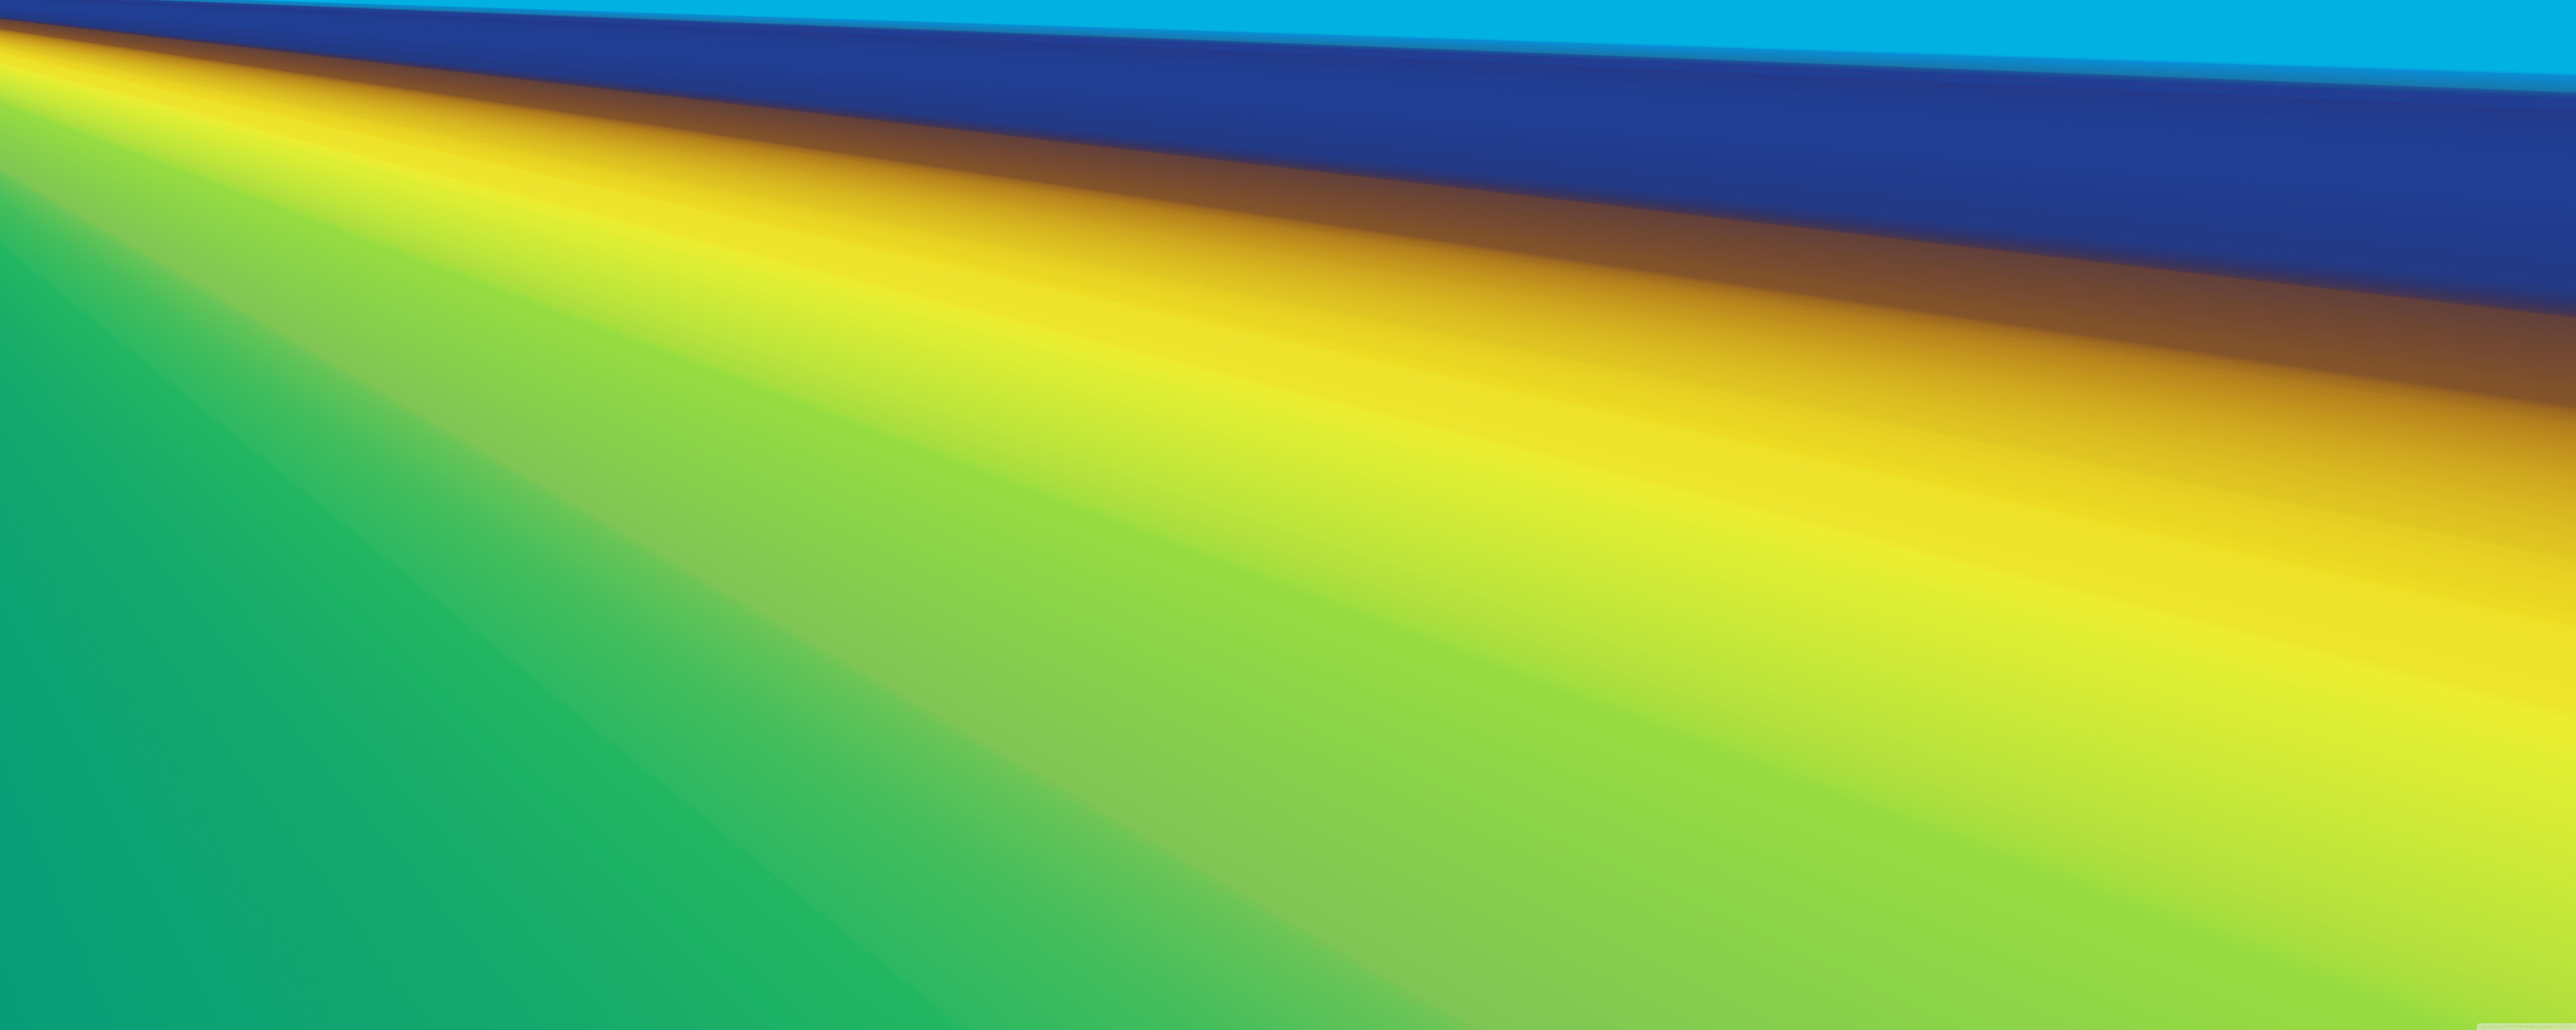 Download Free WallpaperPerspective Horizon